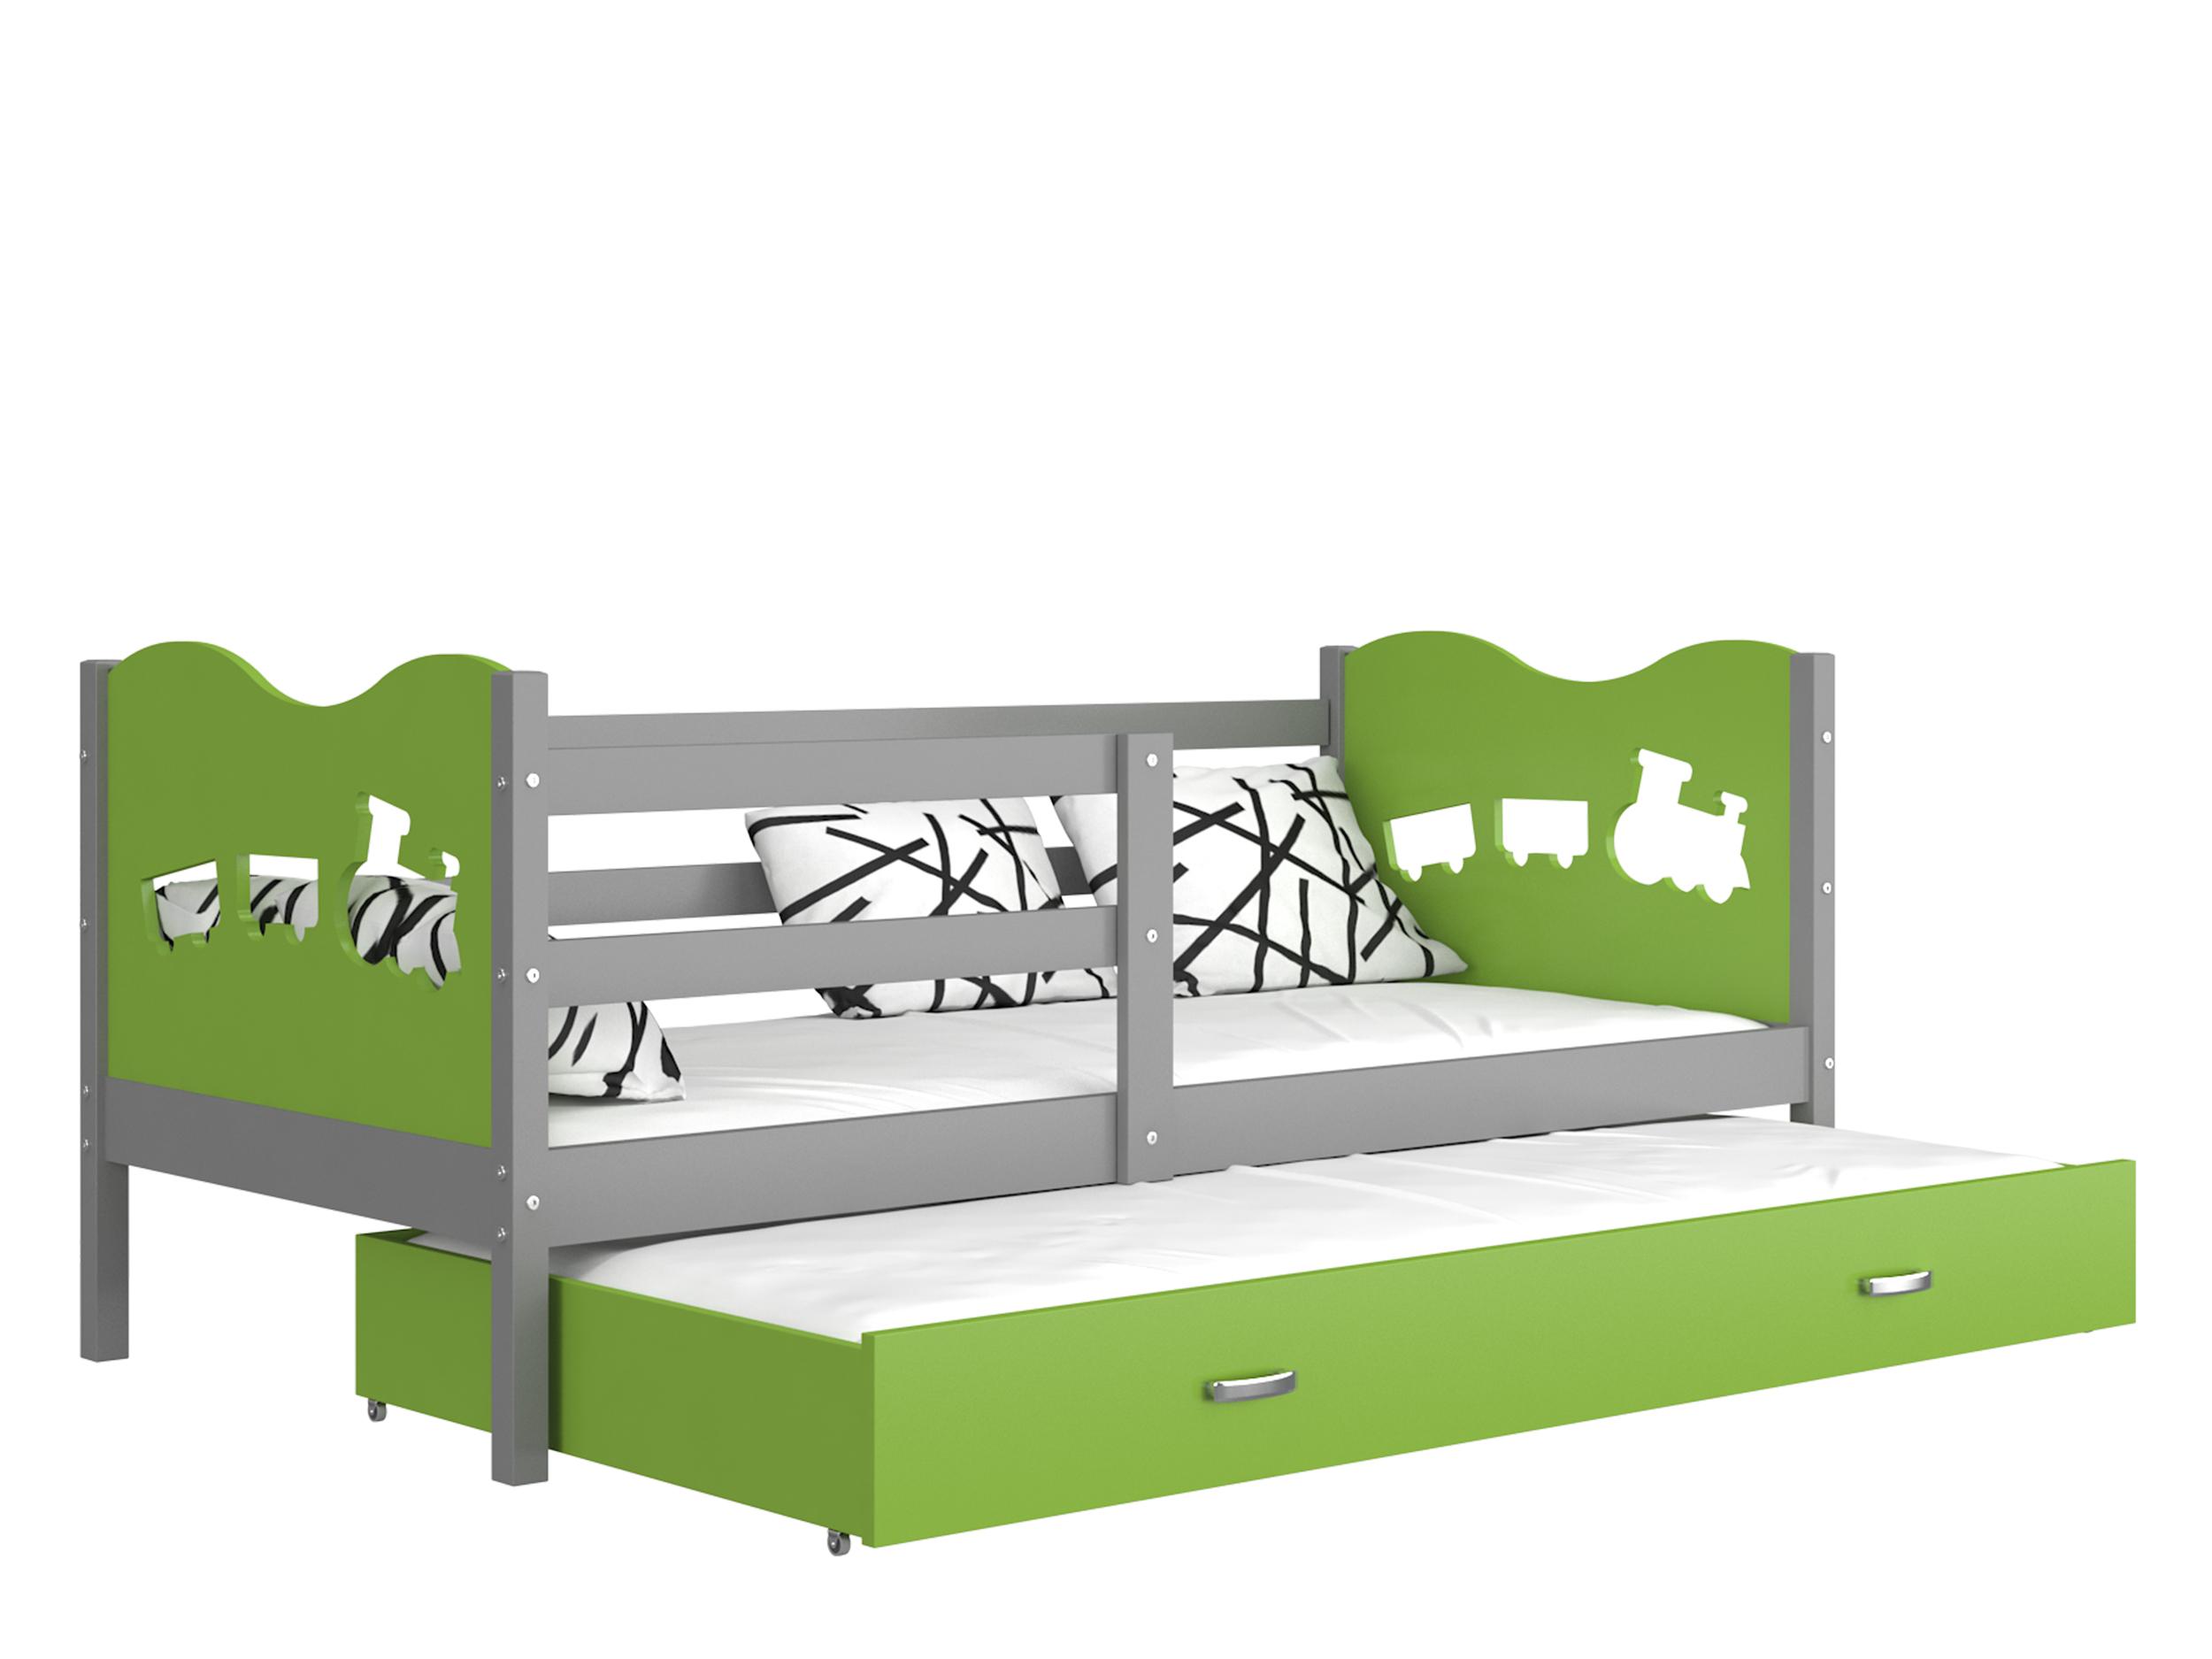 ArtAJ Detská posteľ MAX P2 / MDF 200 x 90 cm Farba: sivá / zelená 200 x 90 cm, s matracom